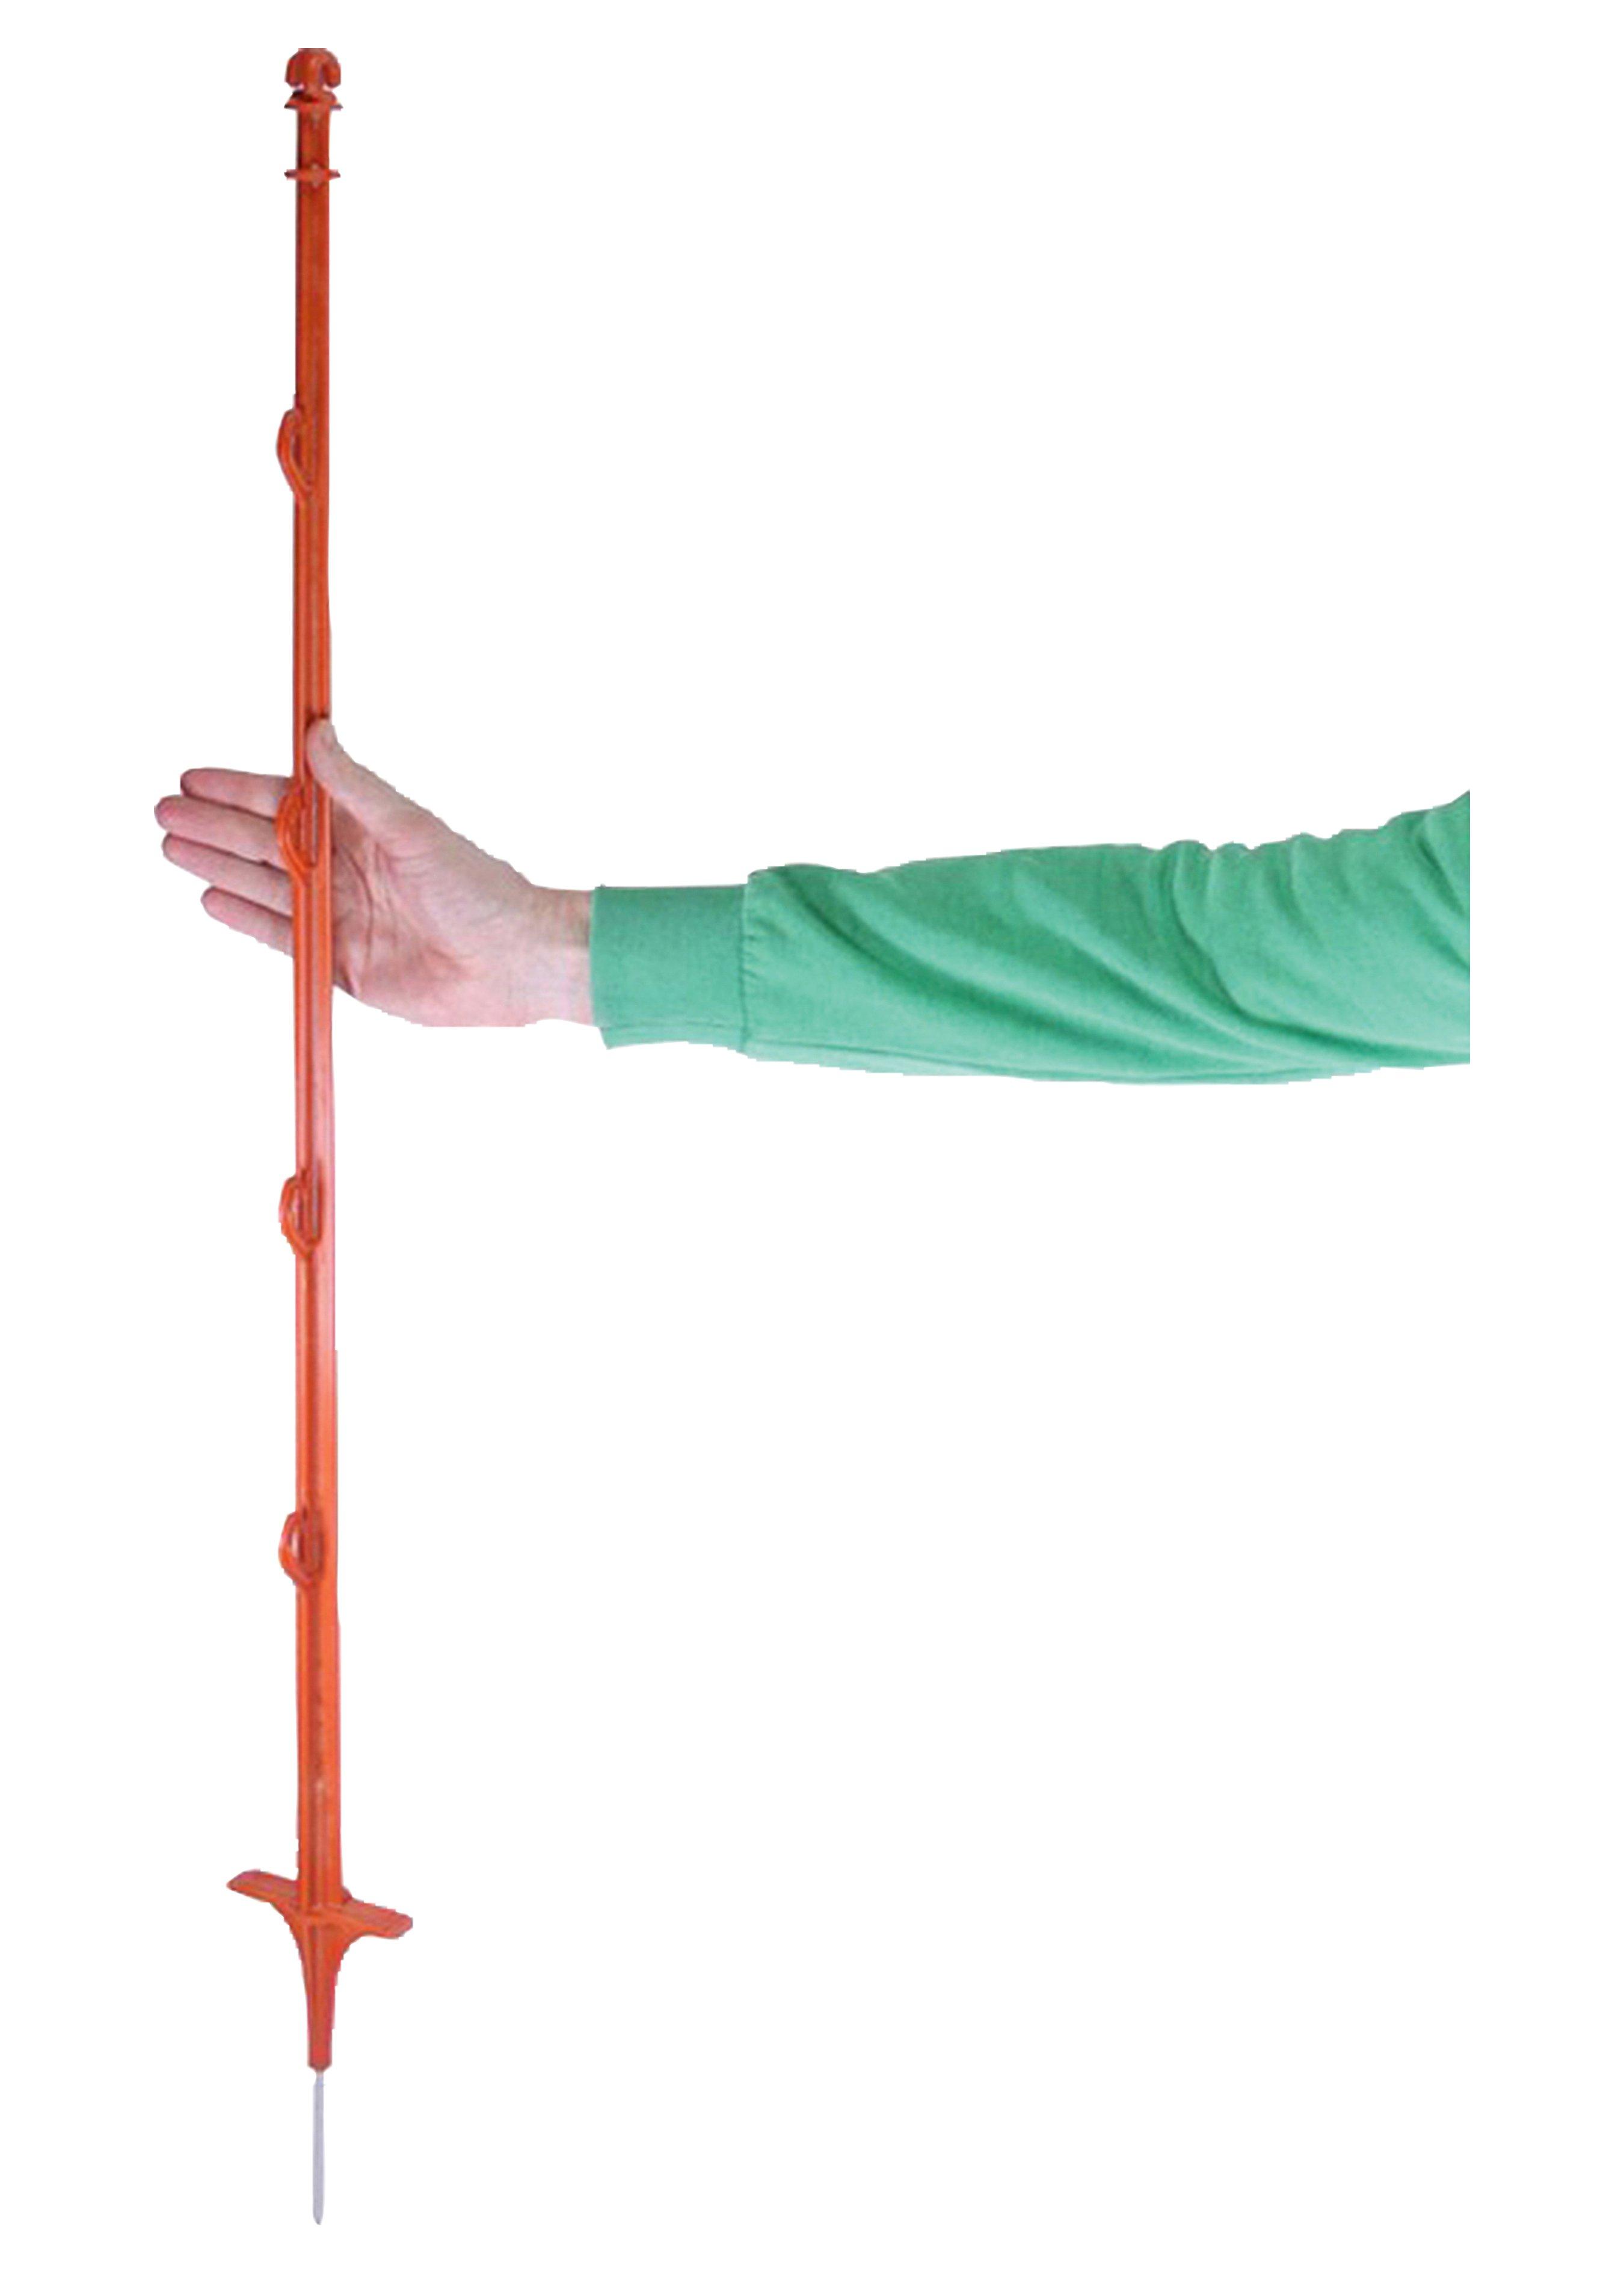 Piquets de clôture Profi Variant renforcés de fibre de verre (25 pcs.) 255054 3